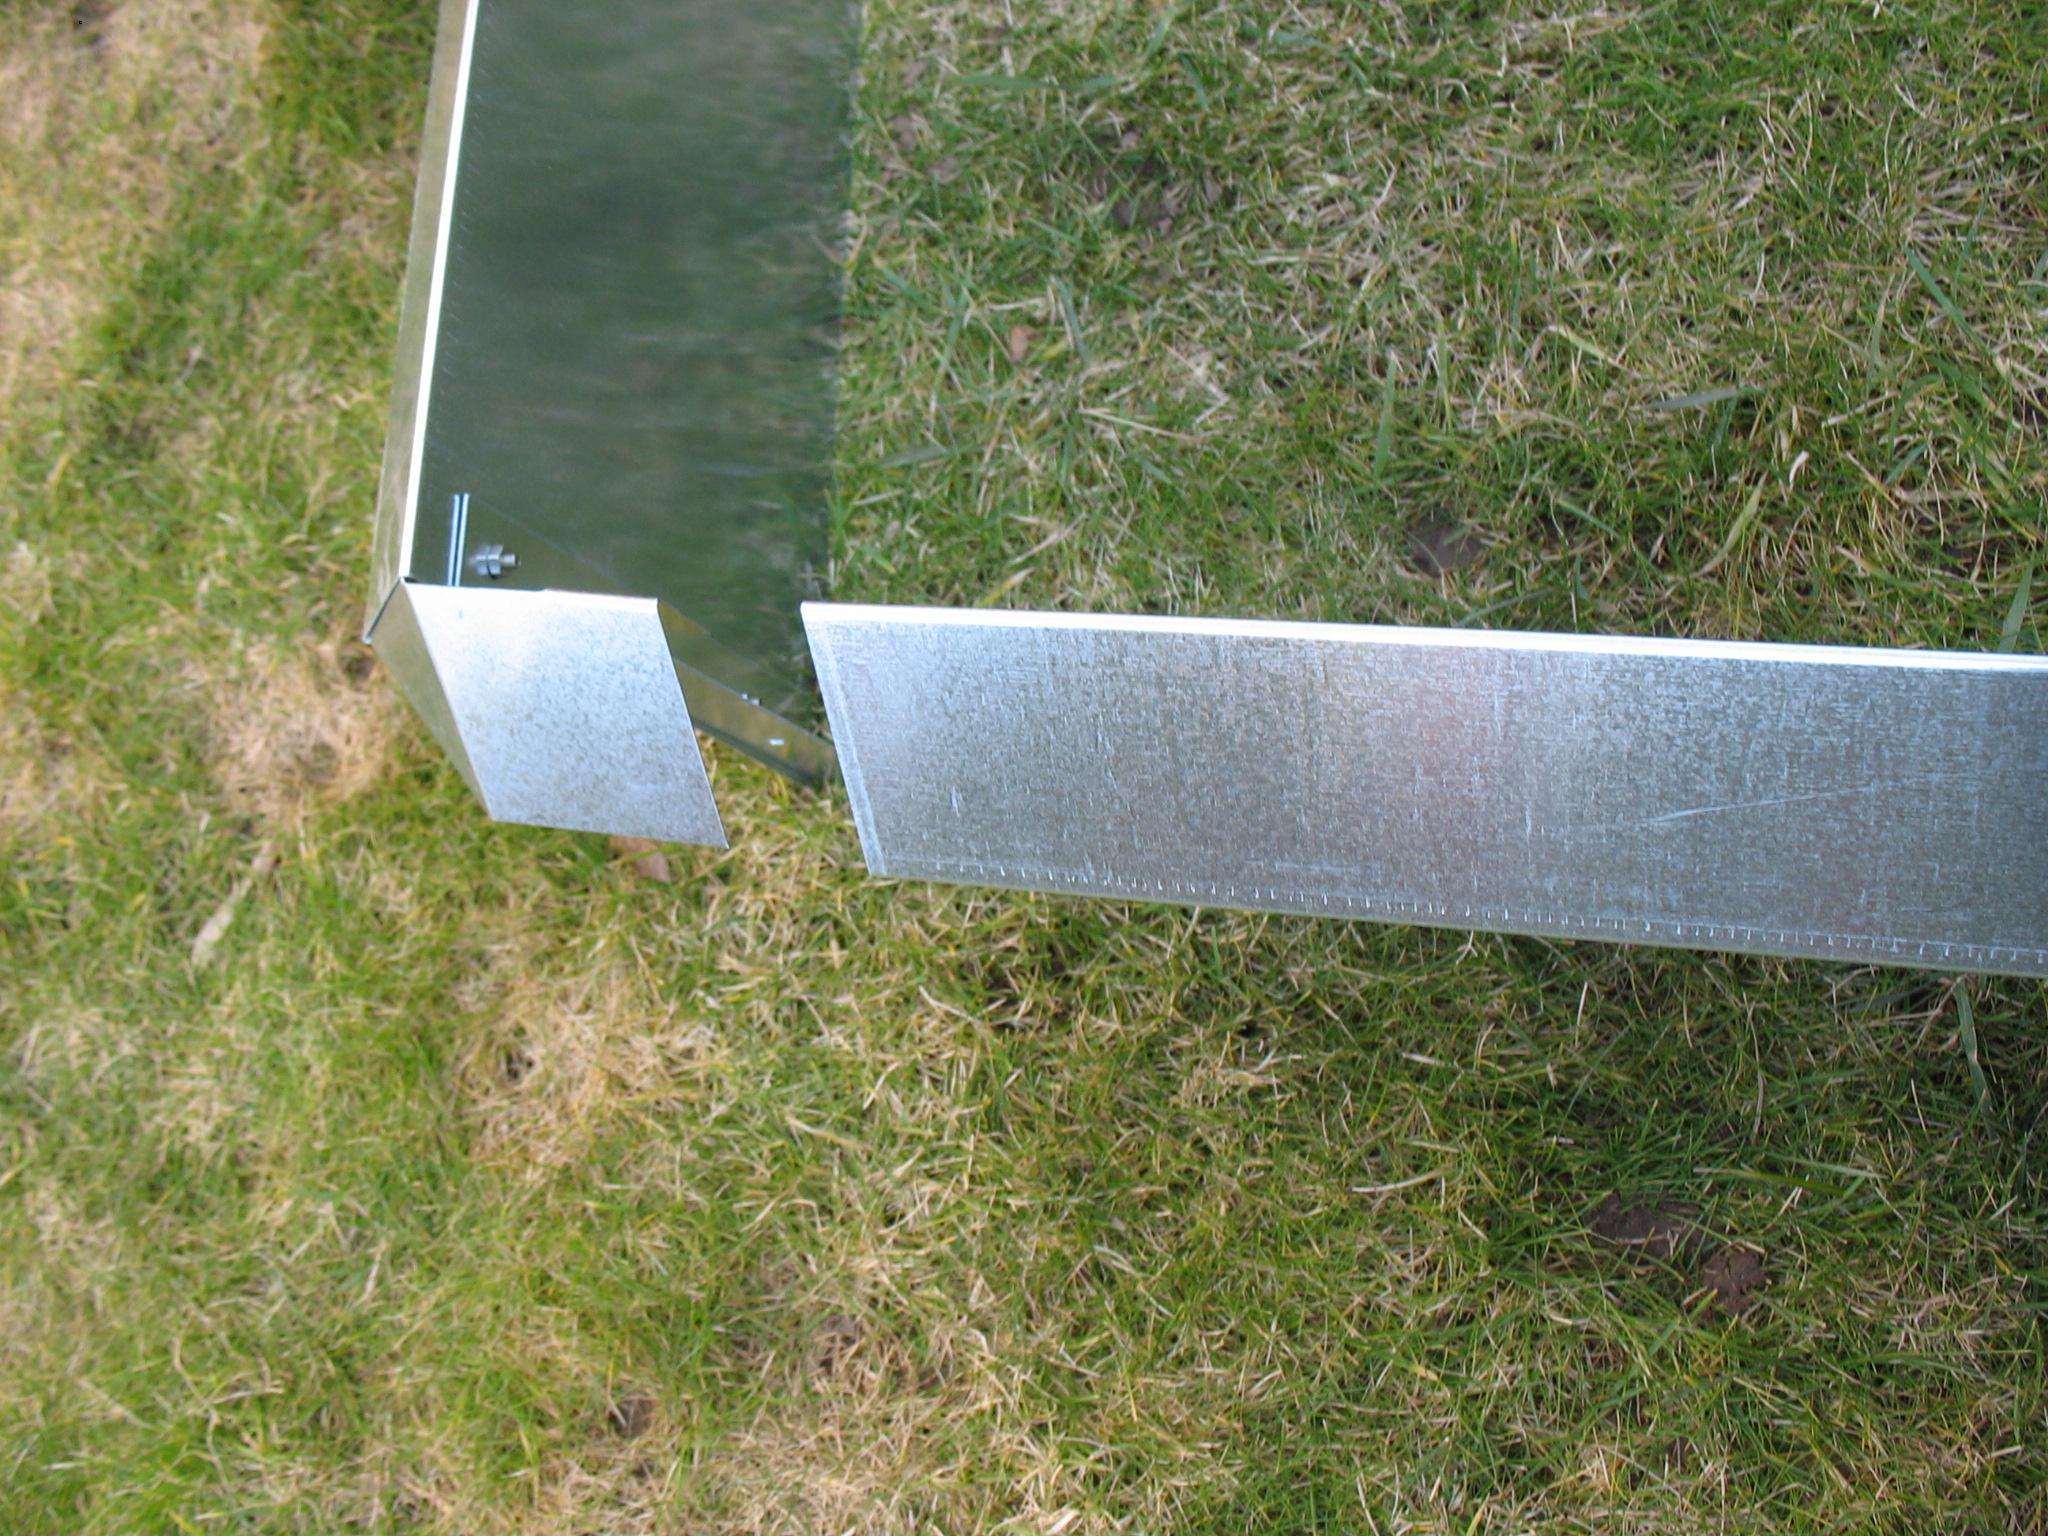 schneckenzaun schutz metall f r beet max 12 qm 14 bleche. Black Bedroom Furniture Sets. Home Design Ideas